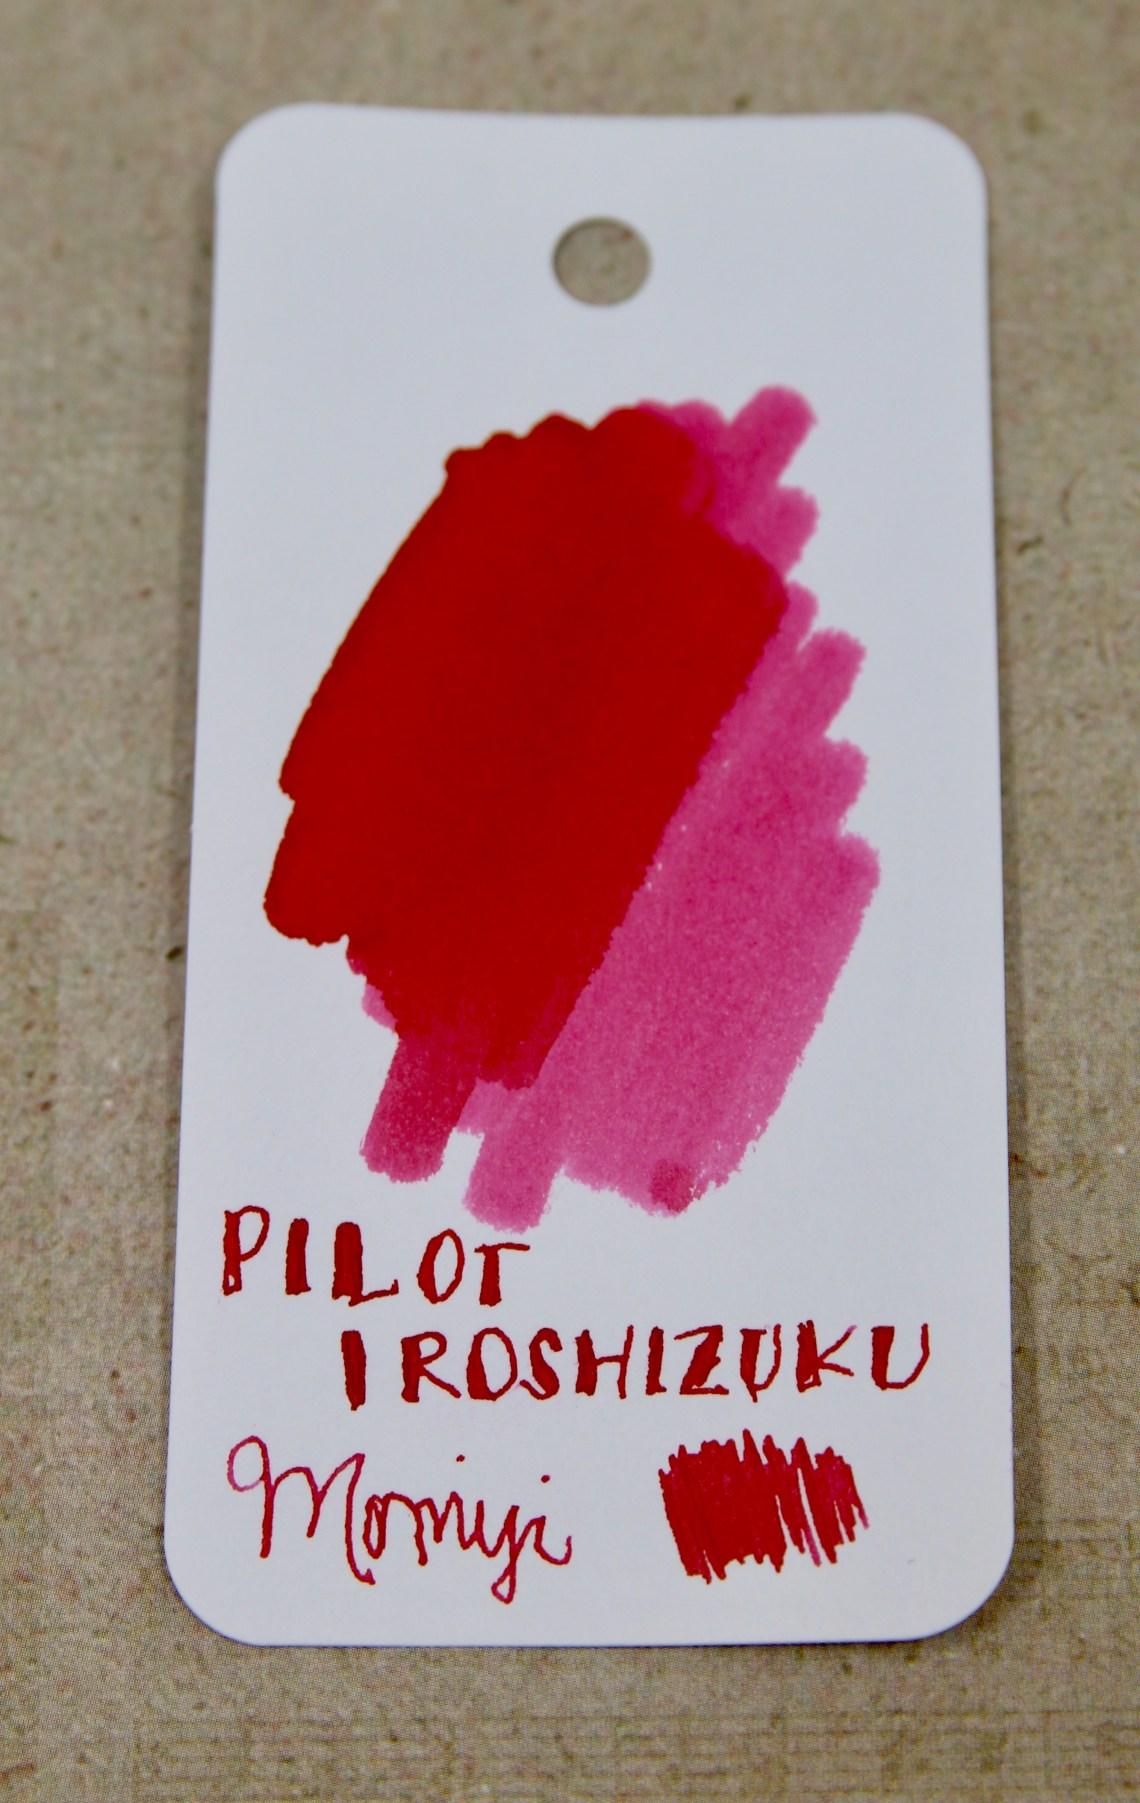 Iroshizuku Momiji